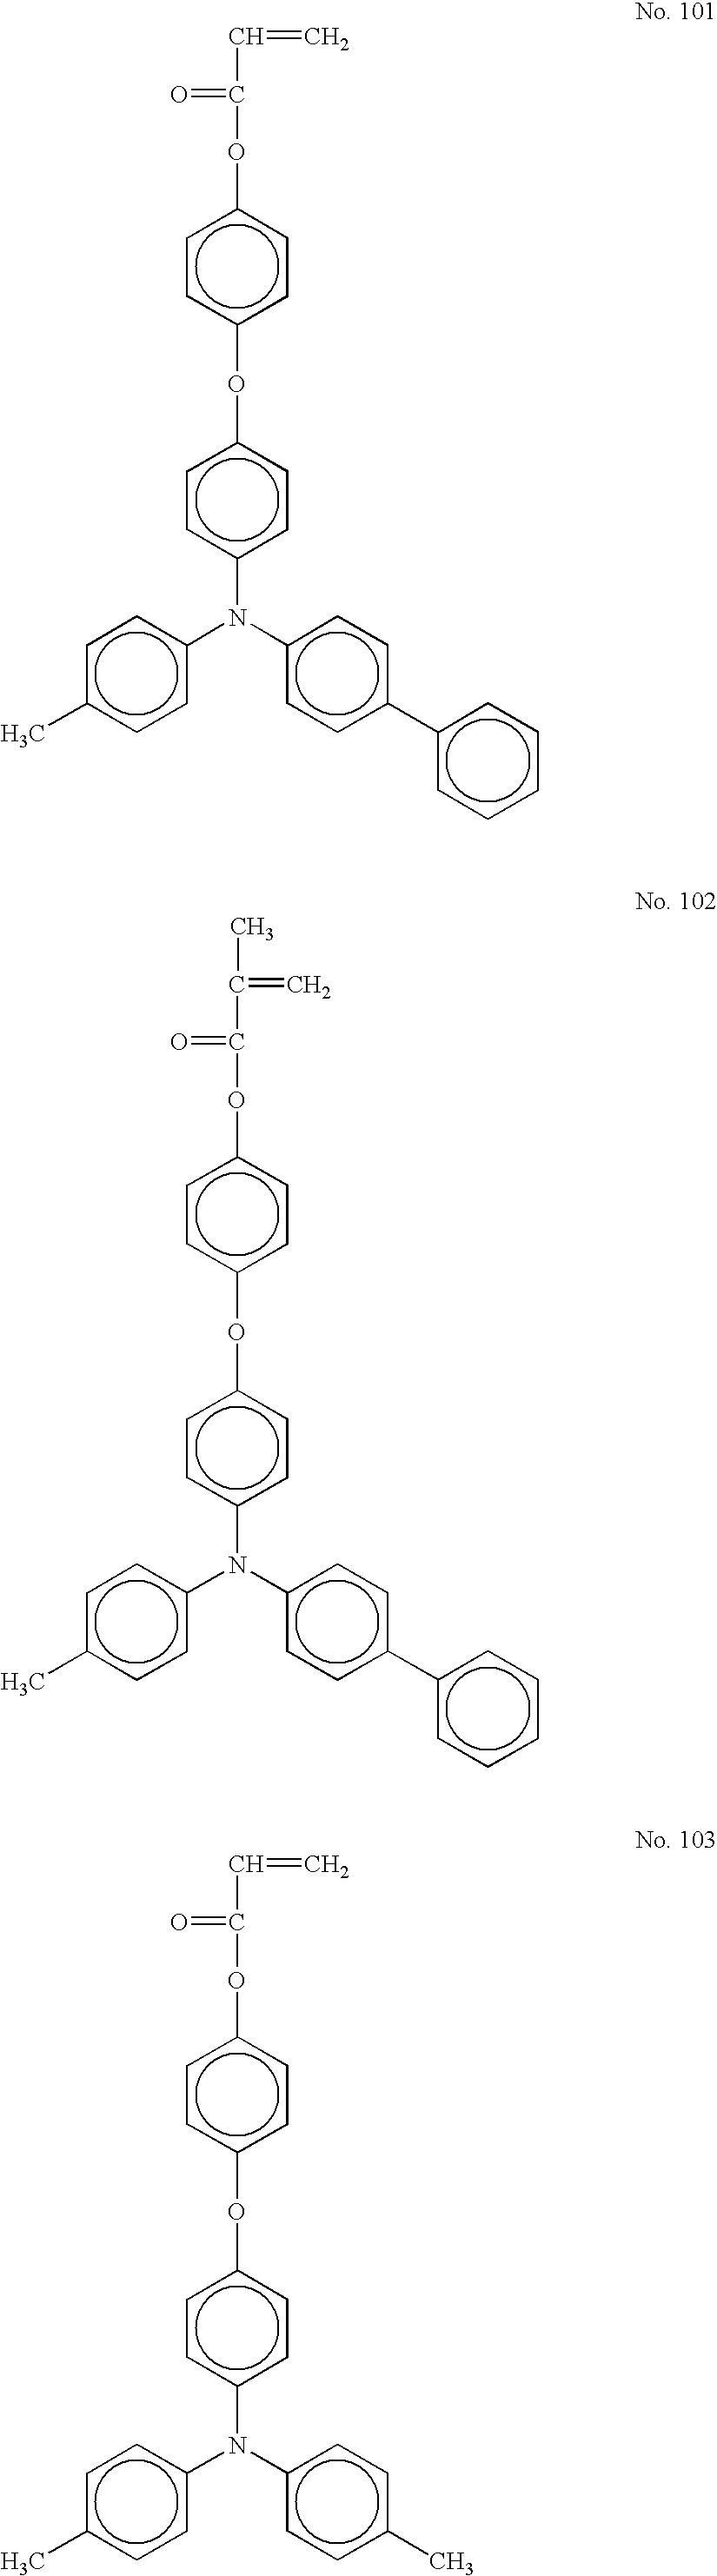 Figure US20040253527A1-20041216-C00046